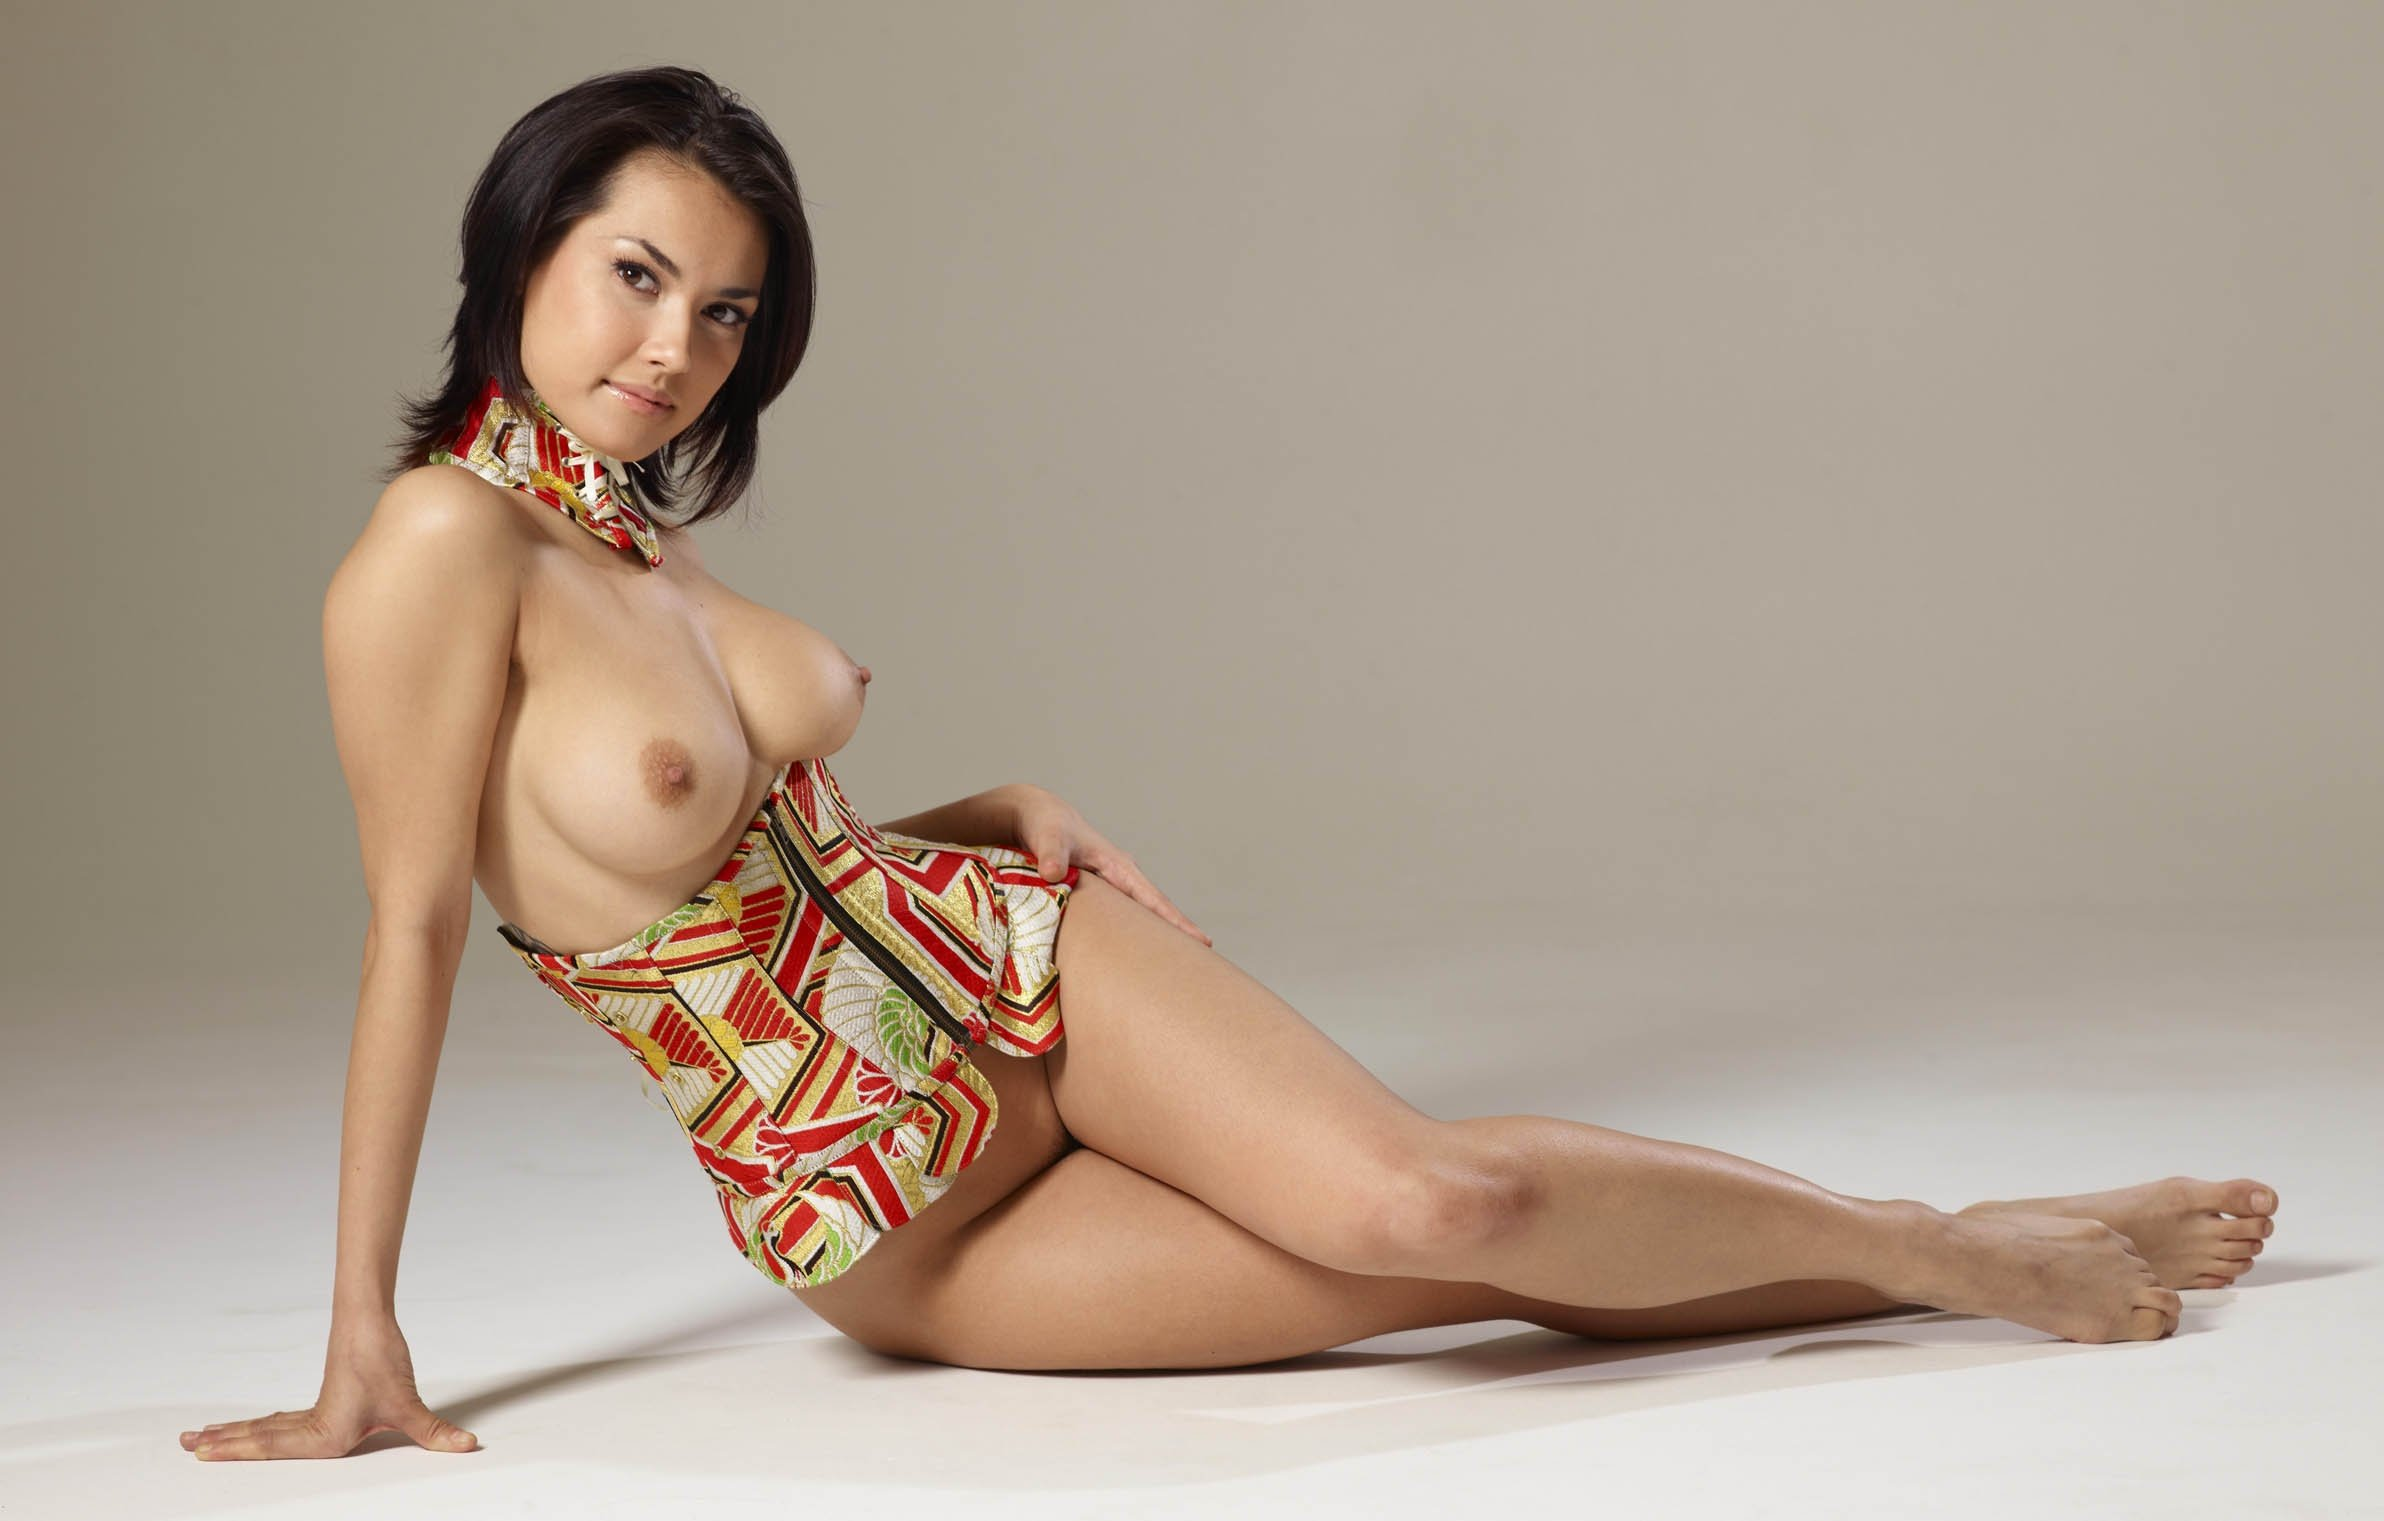 Model semi nude little hq porn pics